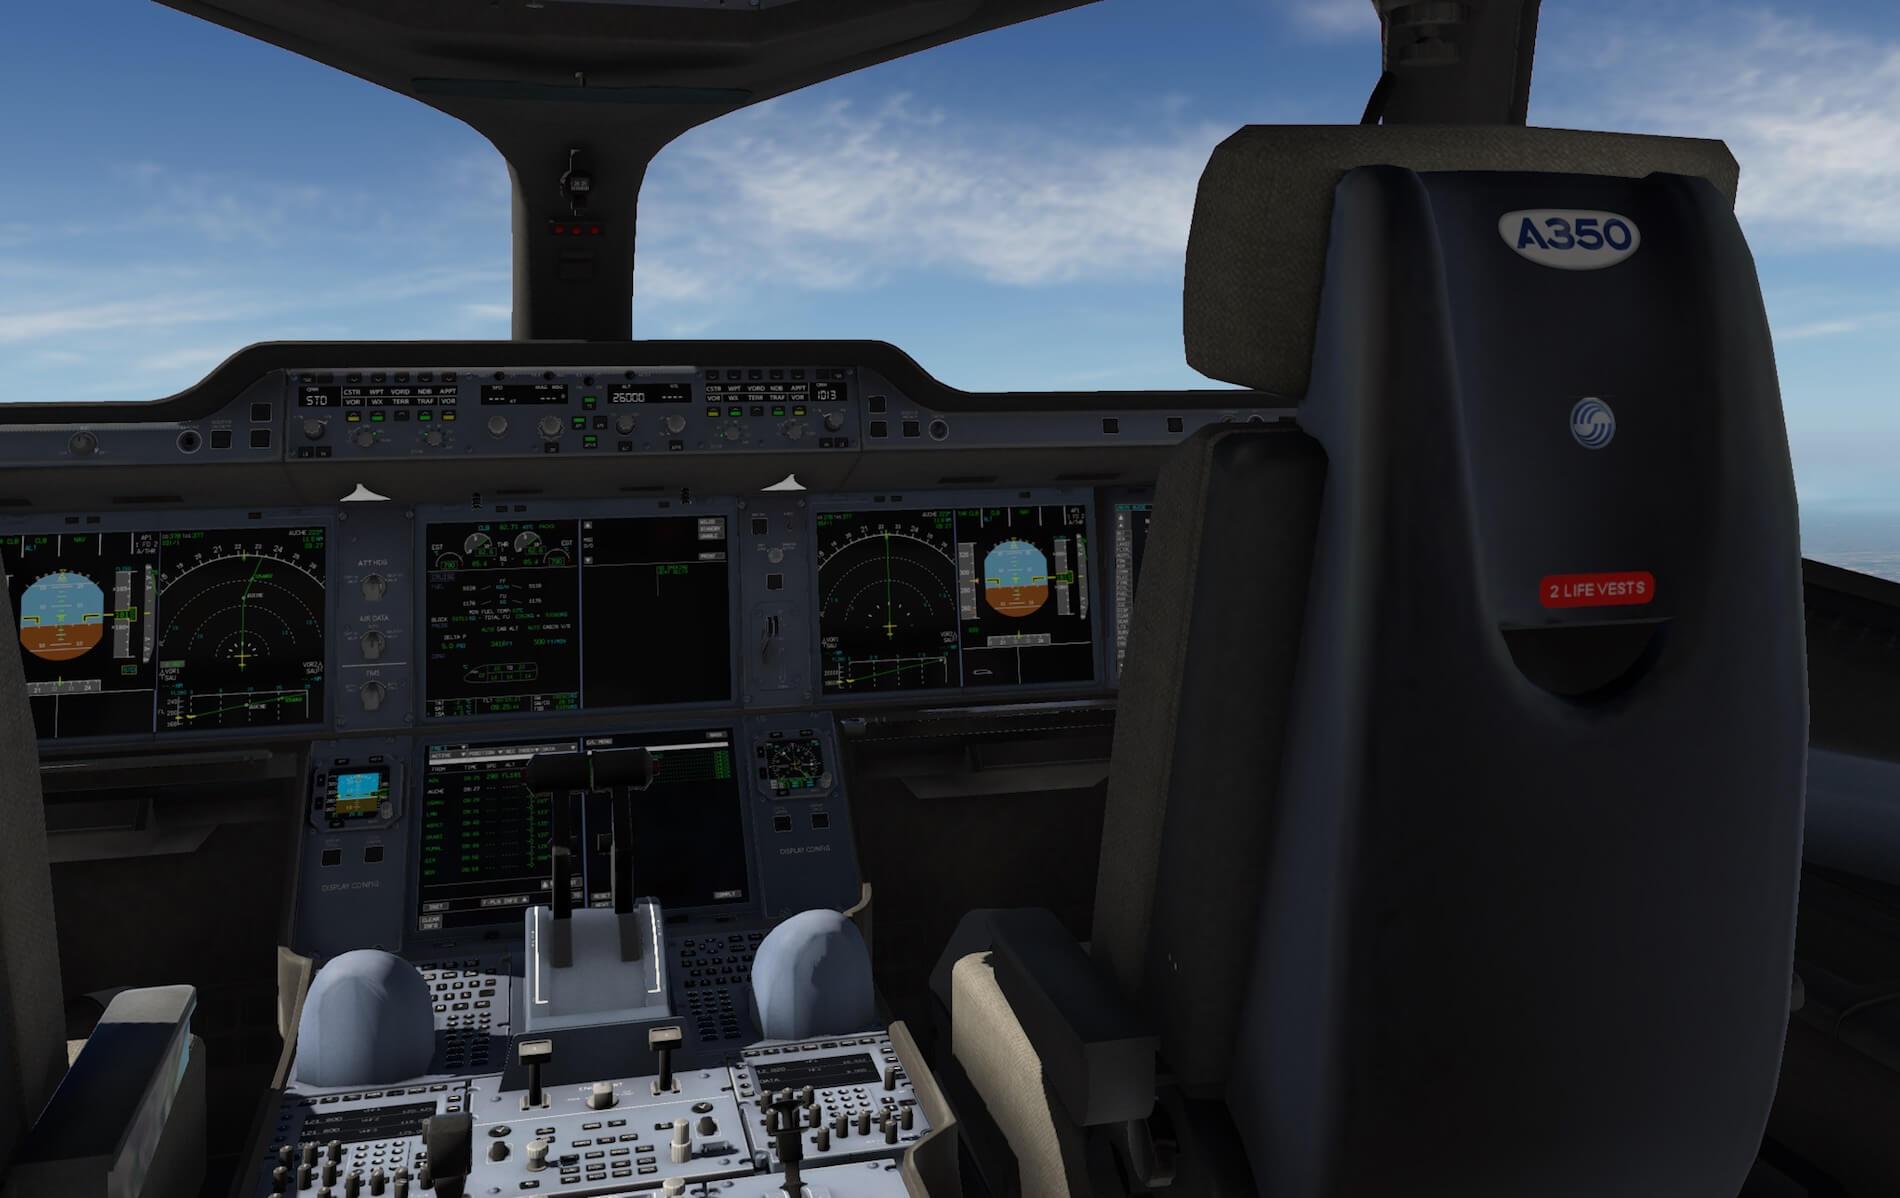 A350_xp11_22